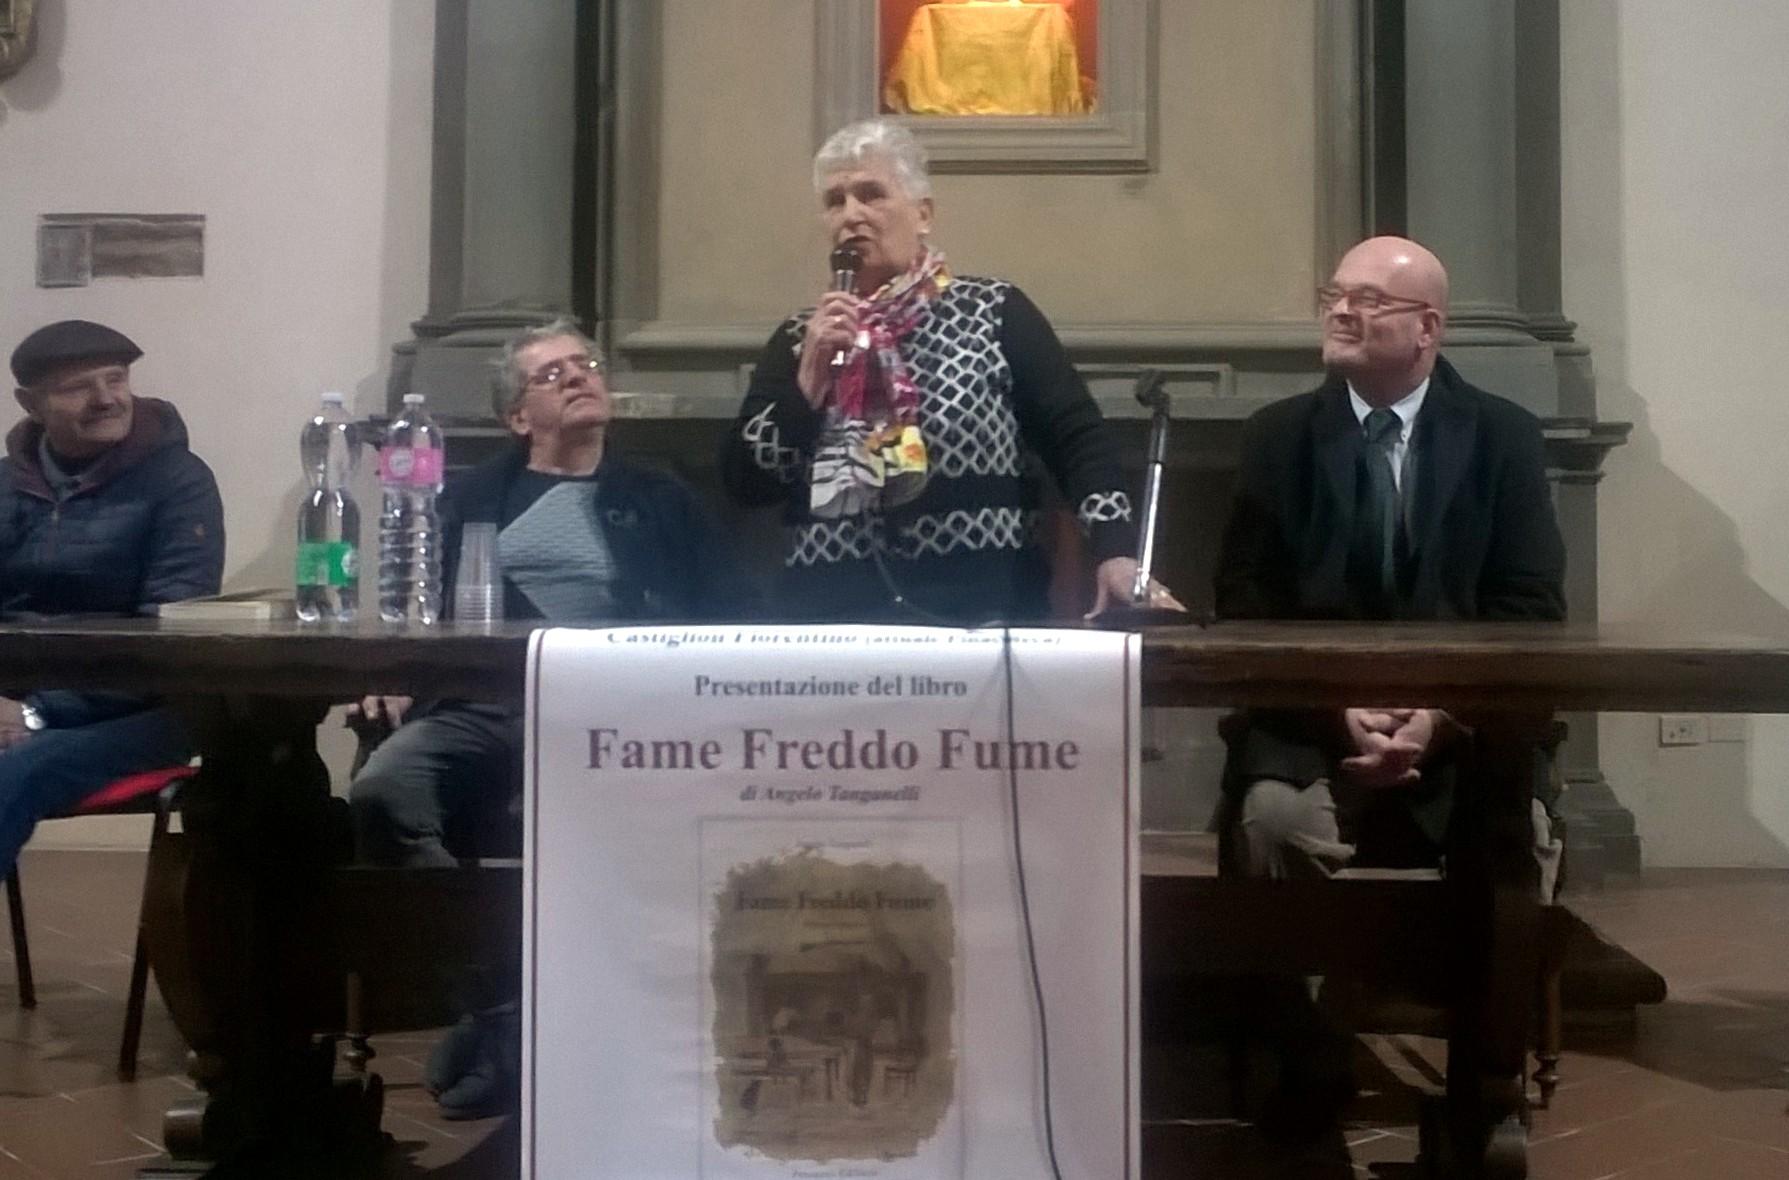 Fame, freddo e fume: la tradizione della Veglia e dell'ottava rima a Castiglion Fiorentino